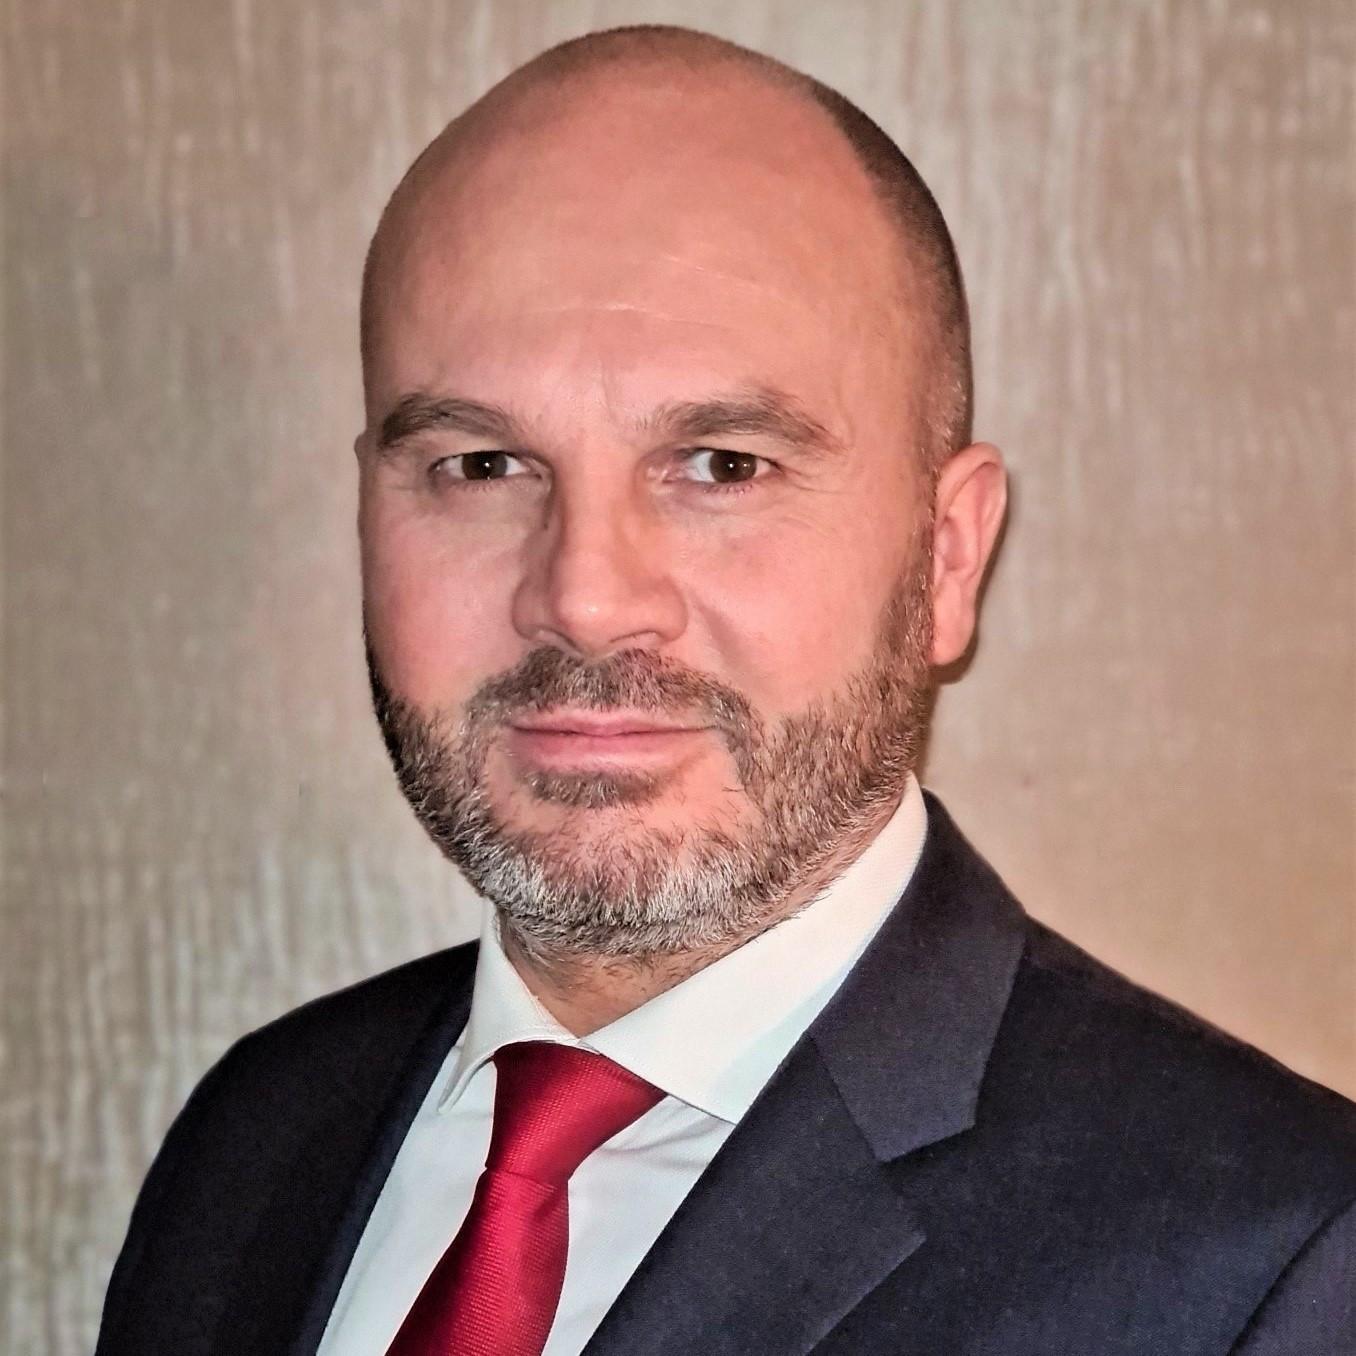 Maxim Agapitov made allegations against former IWF director general Attila Adamfi ©Attila Adamfi